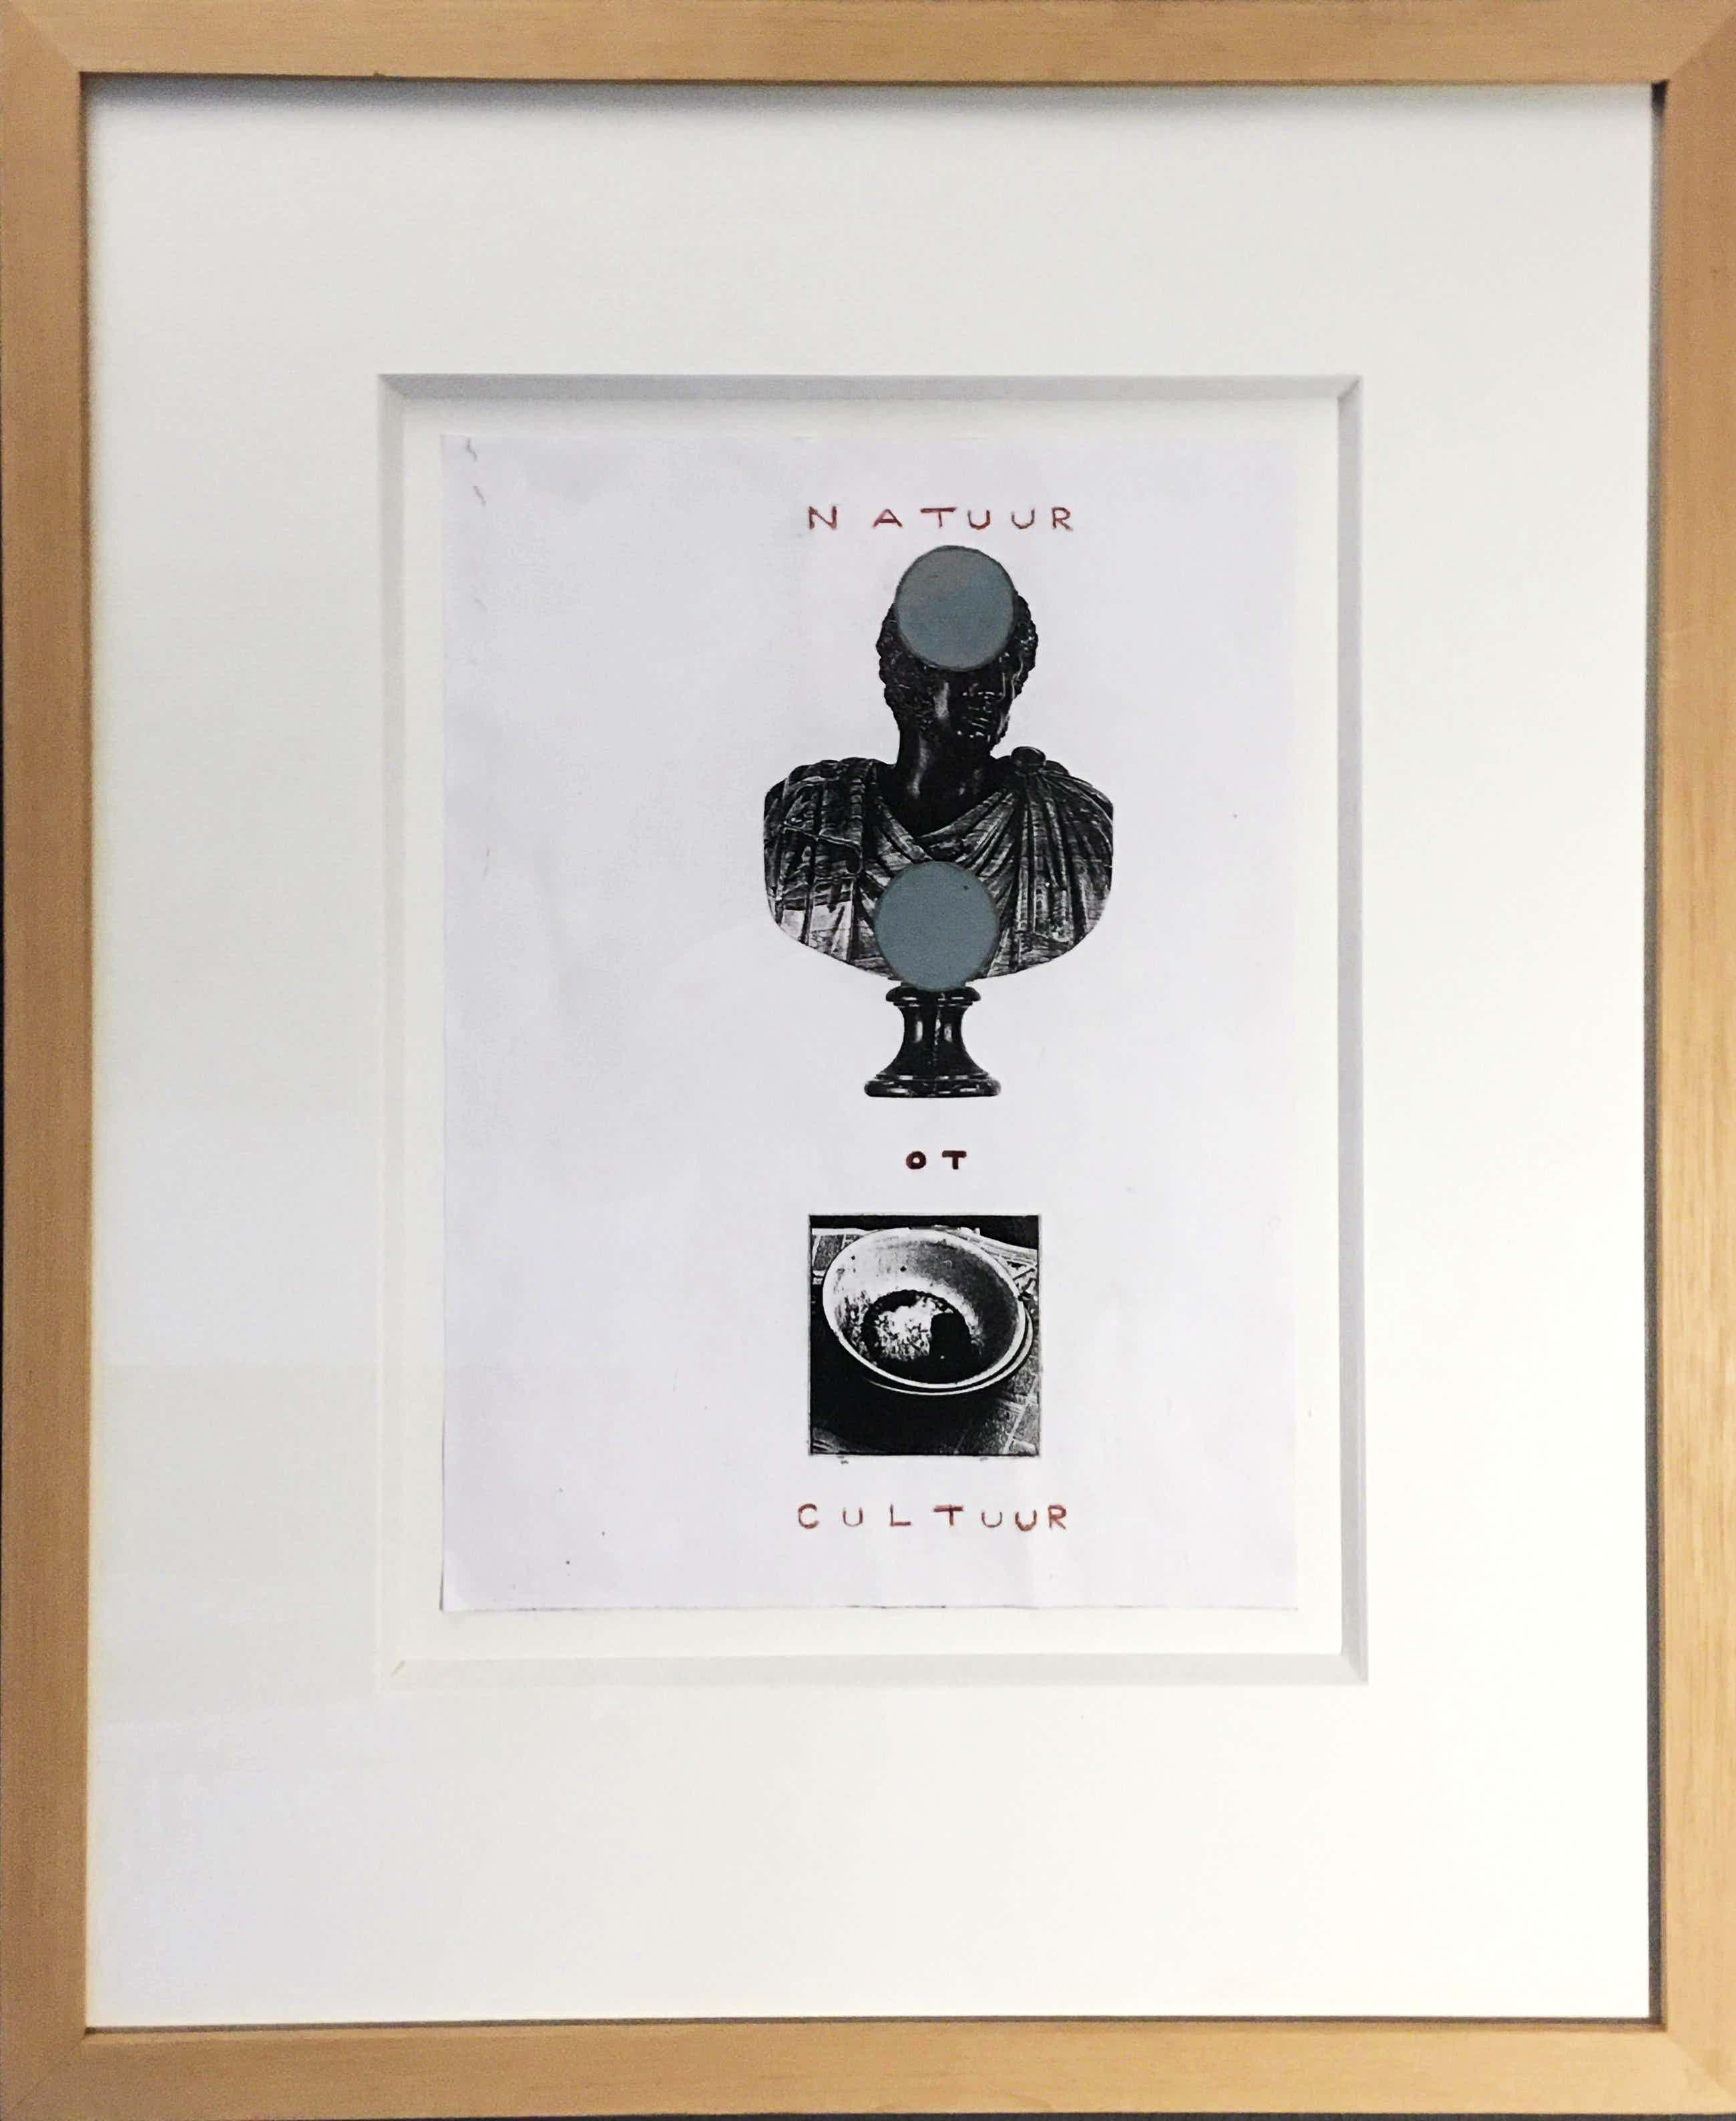 Reinier Lucassen - 'Natuur Ot Cultuur' - collage - 1999 kopen? Bied vanaf 375!